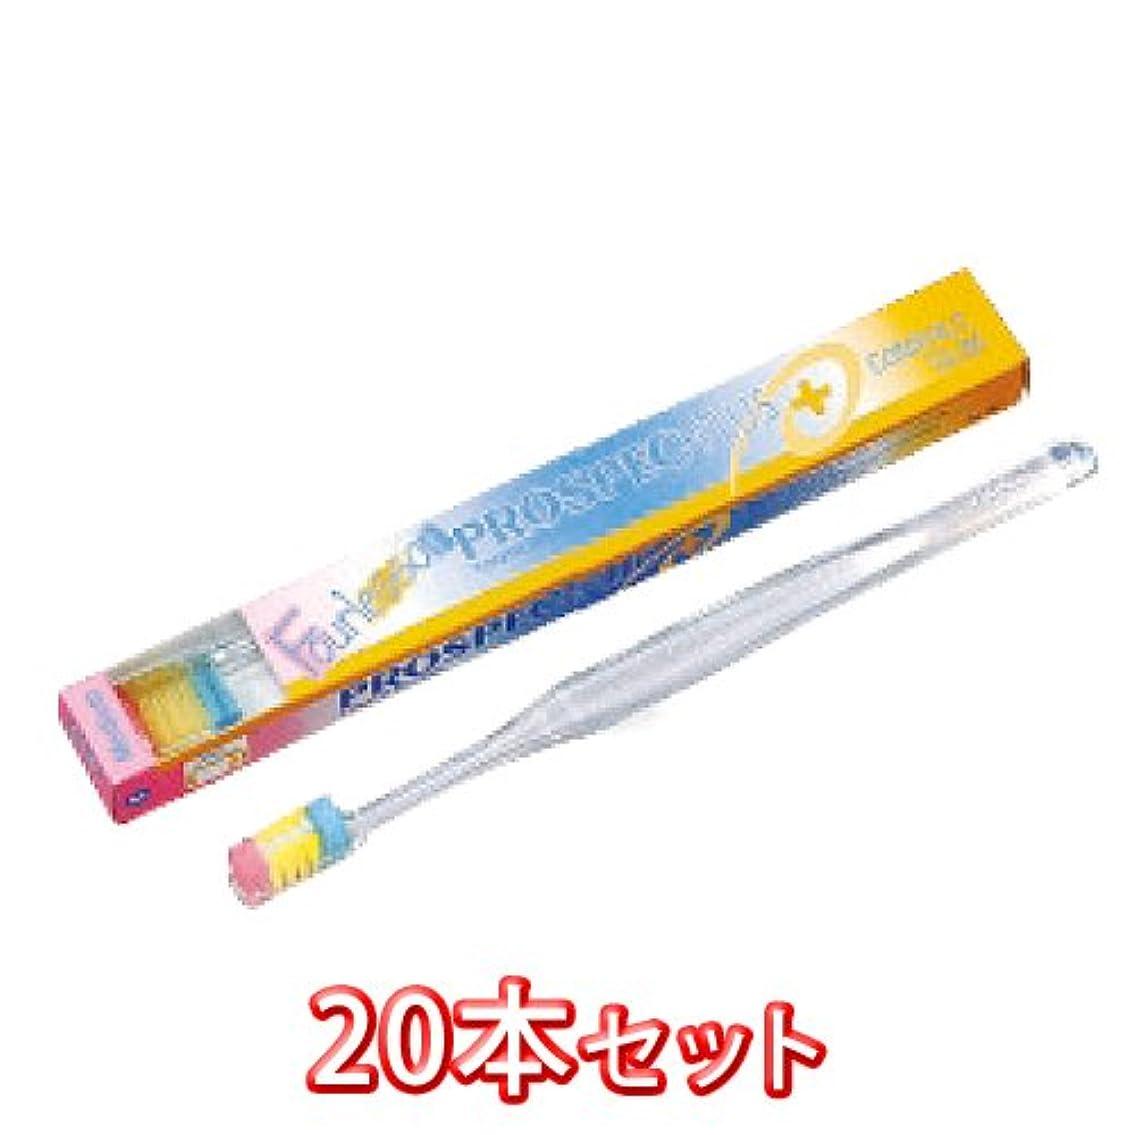 プロスペック 歯ブラシ コンパクトスリム 20本入 フォーレッスン 毛の硬さ ふつう